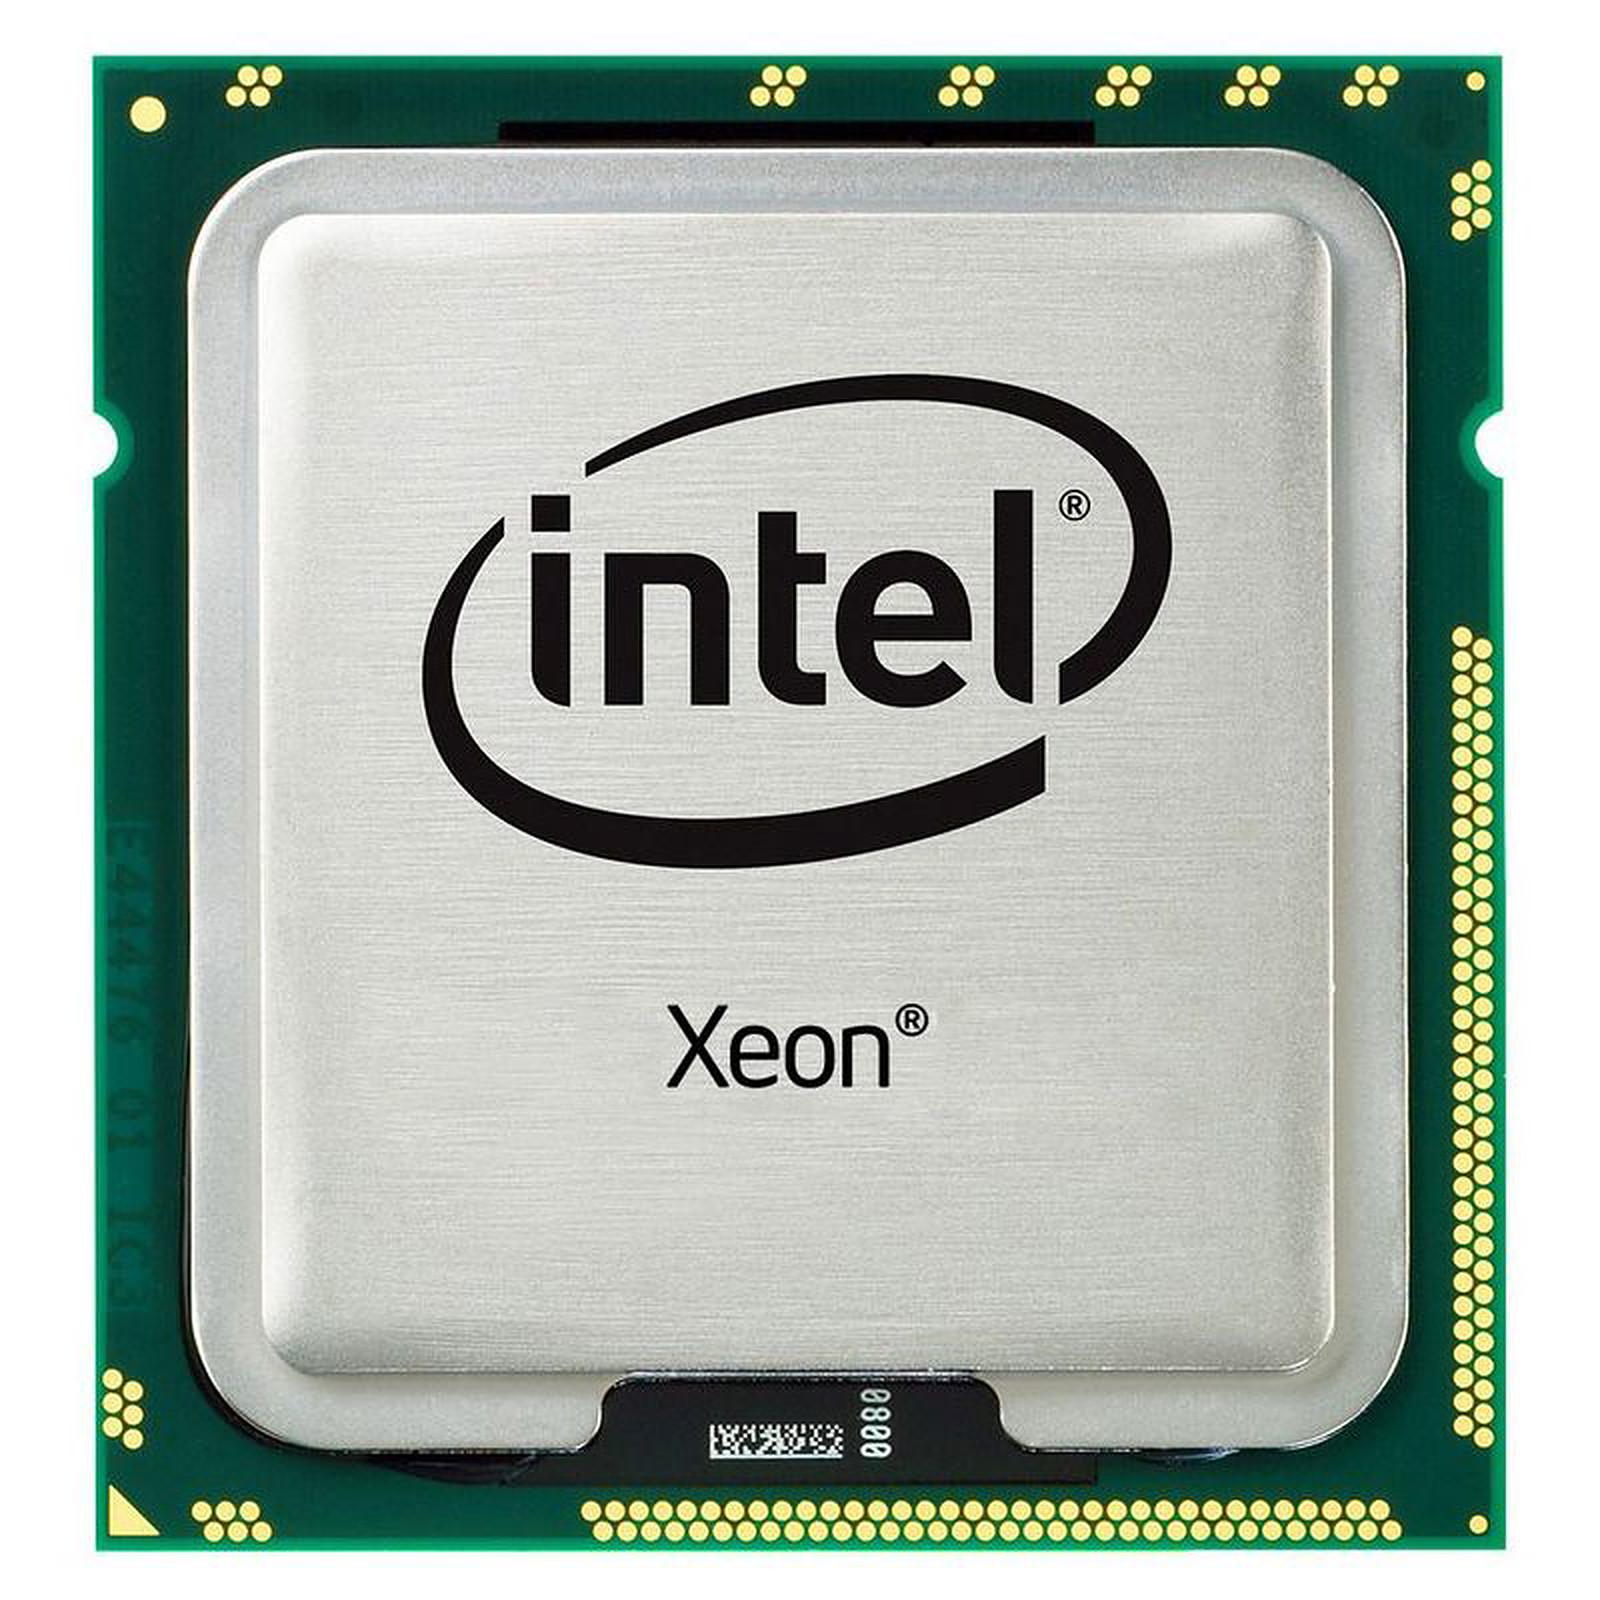 Intel Xeon E5-1660 v3 (3.0 GHz)